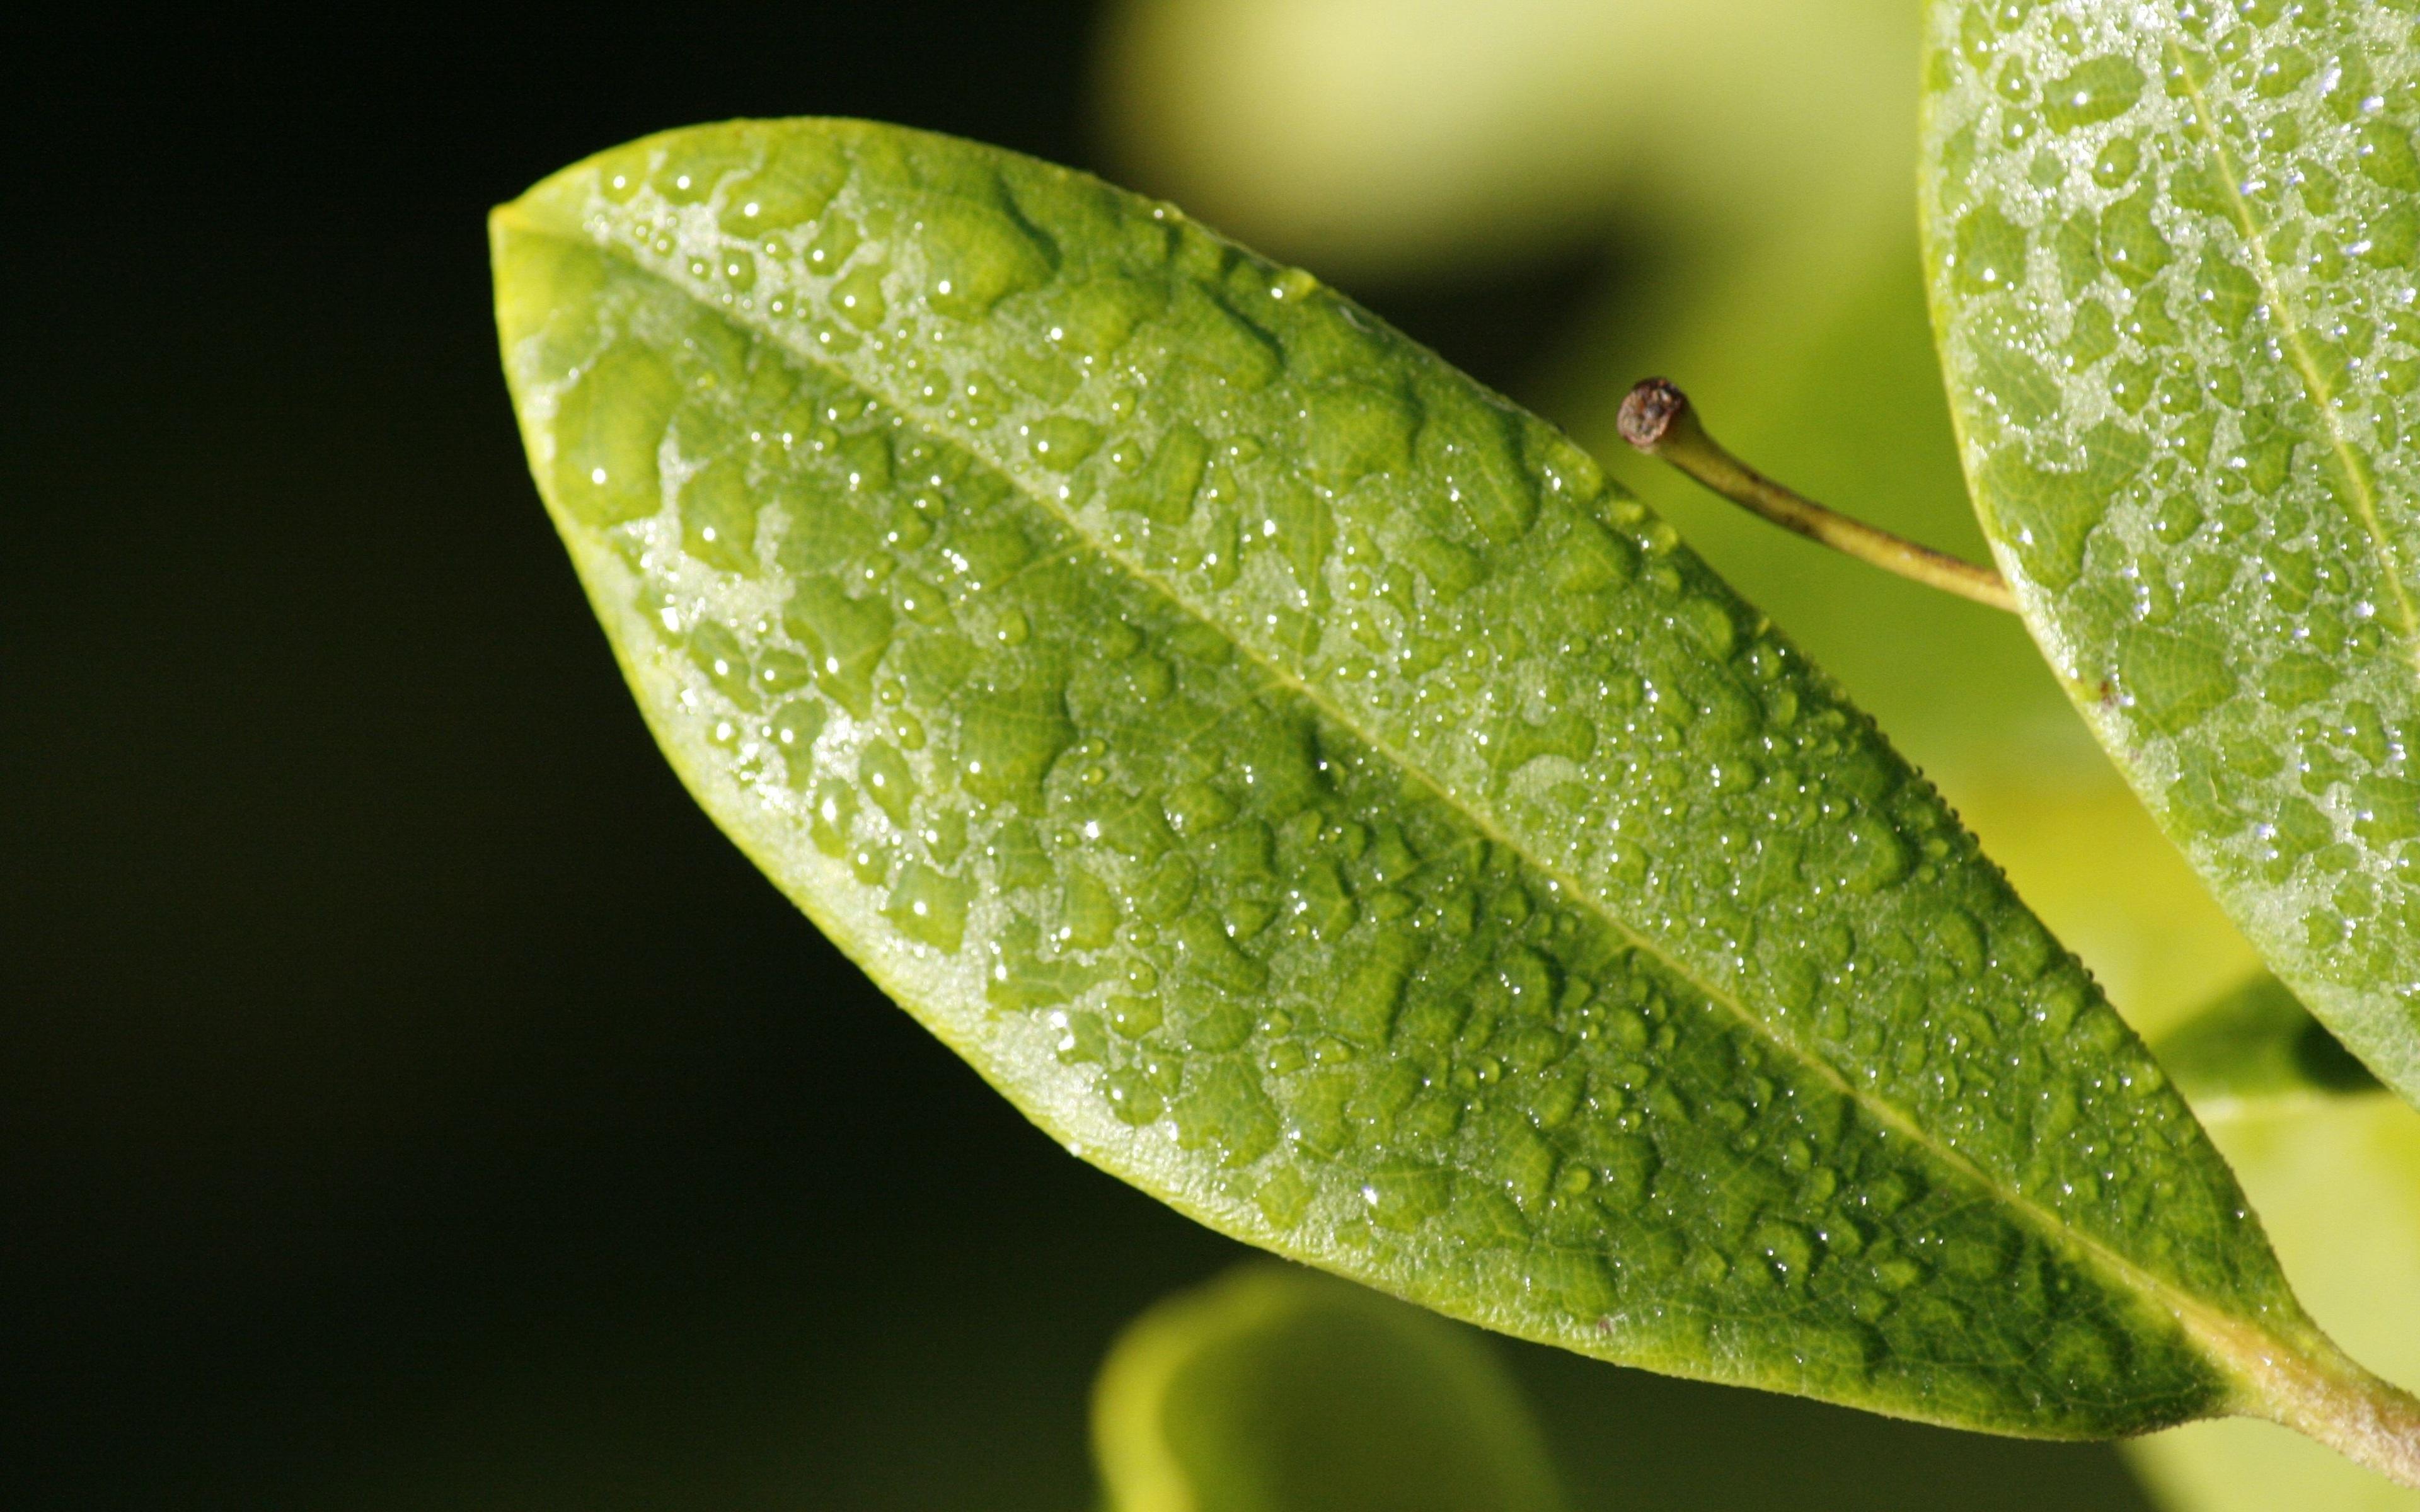 leaf-drop-dew-surface.jpg